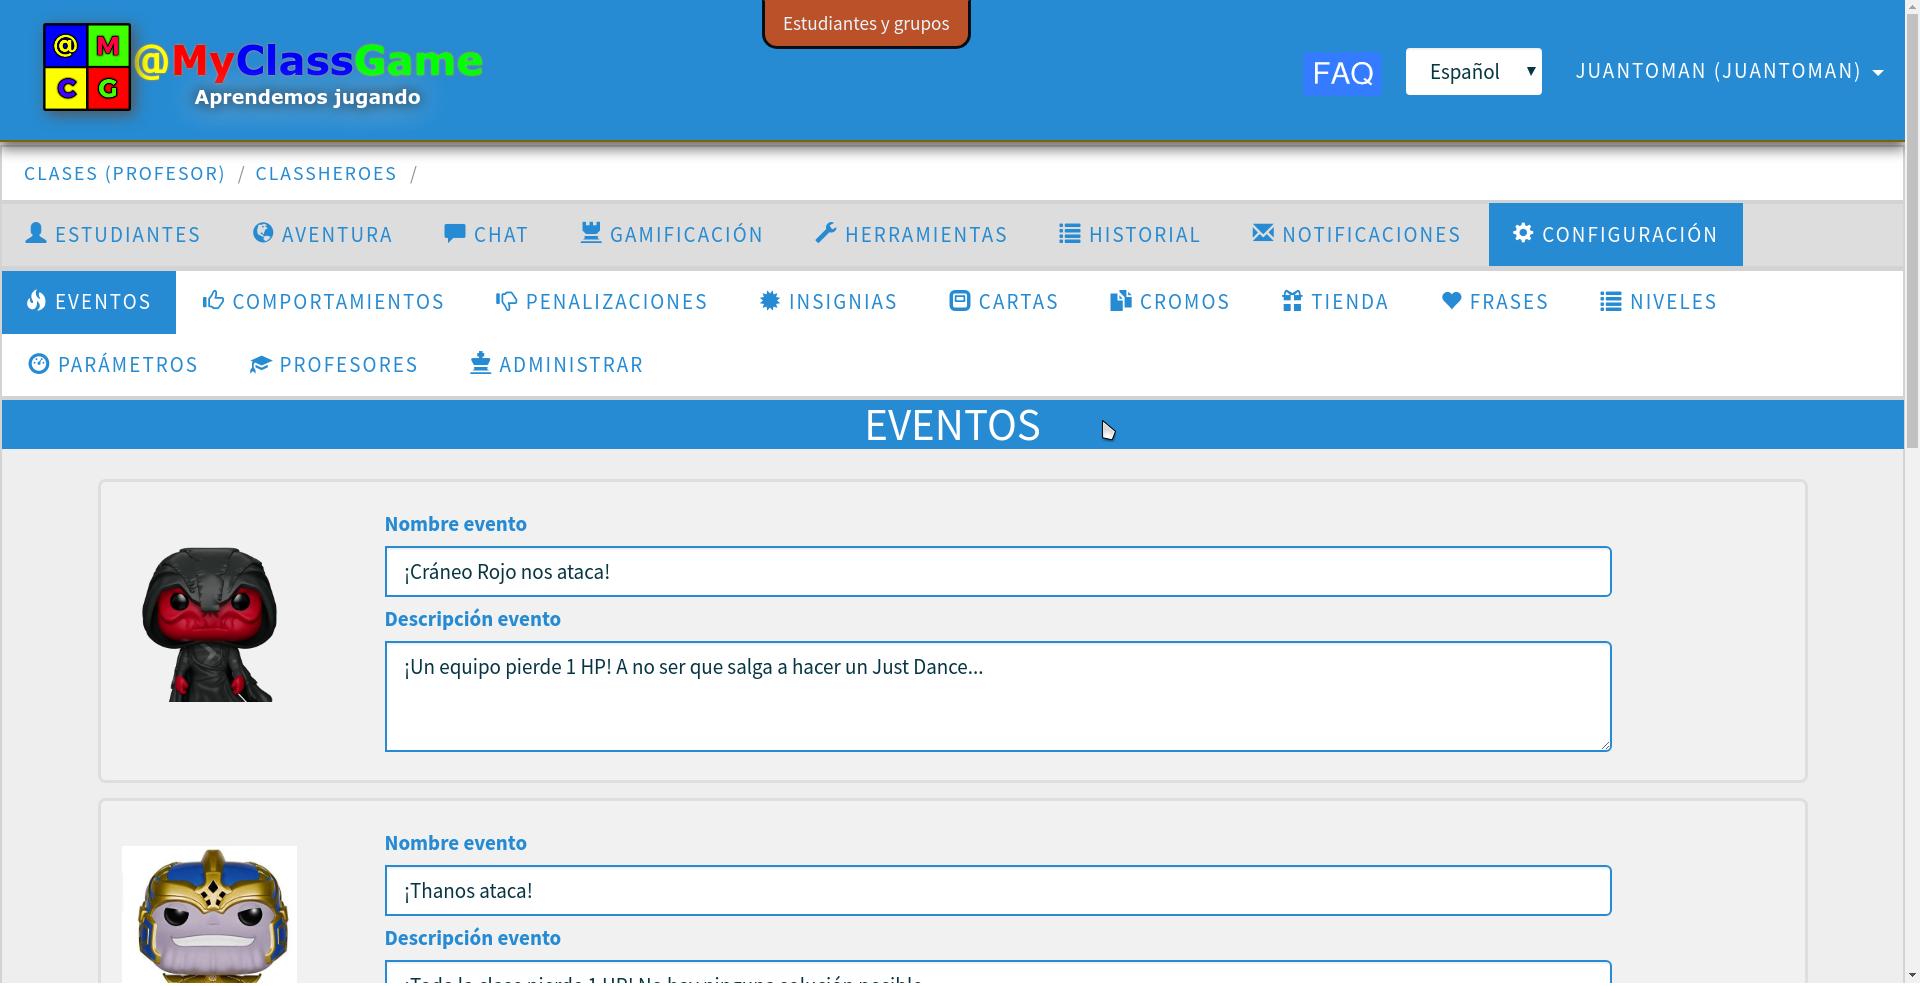 Imagen 3. Creación de eventos en la gamificación con @MyClassGame